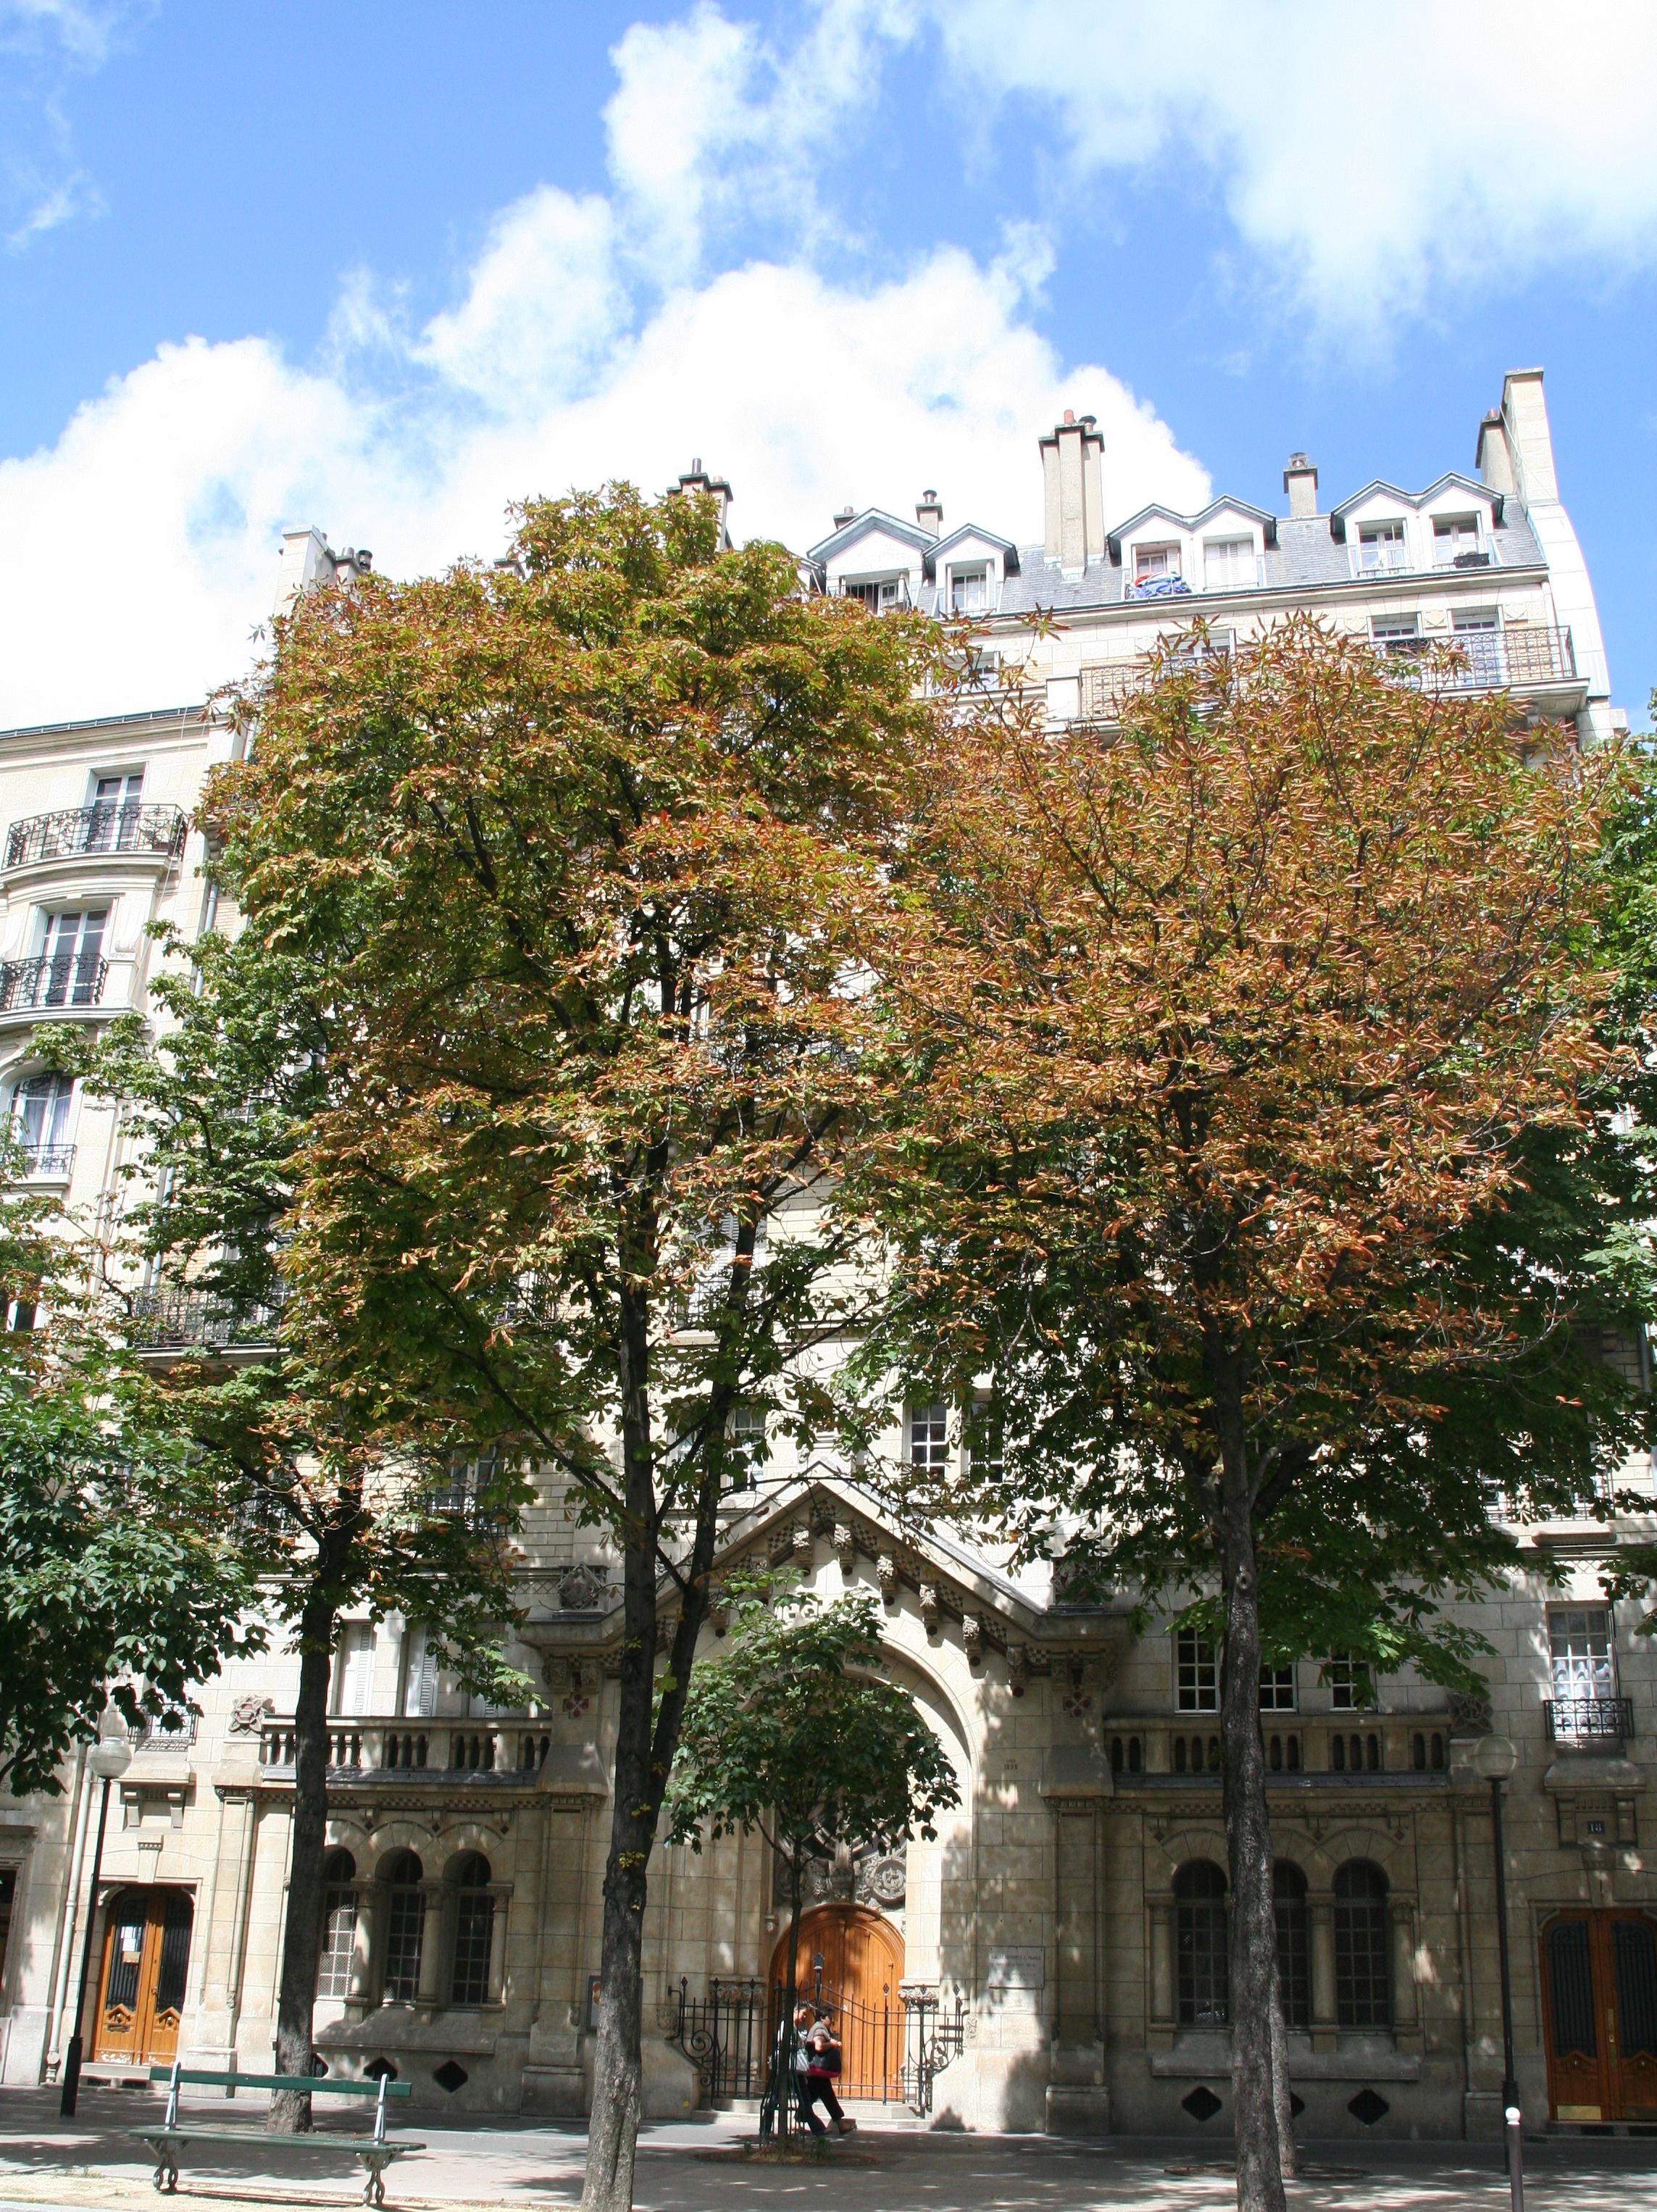 75013 - EGLISE PROTESTANTE UNIE PARIS 75013 dans 75-Paris port-royal